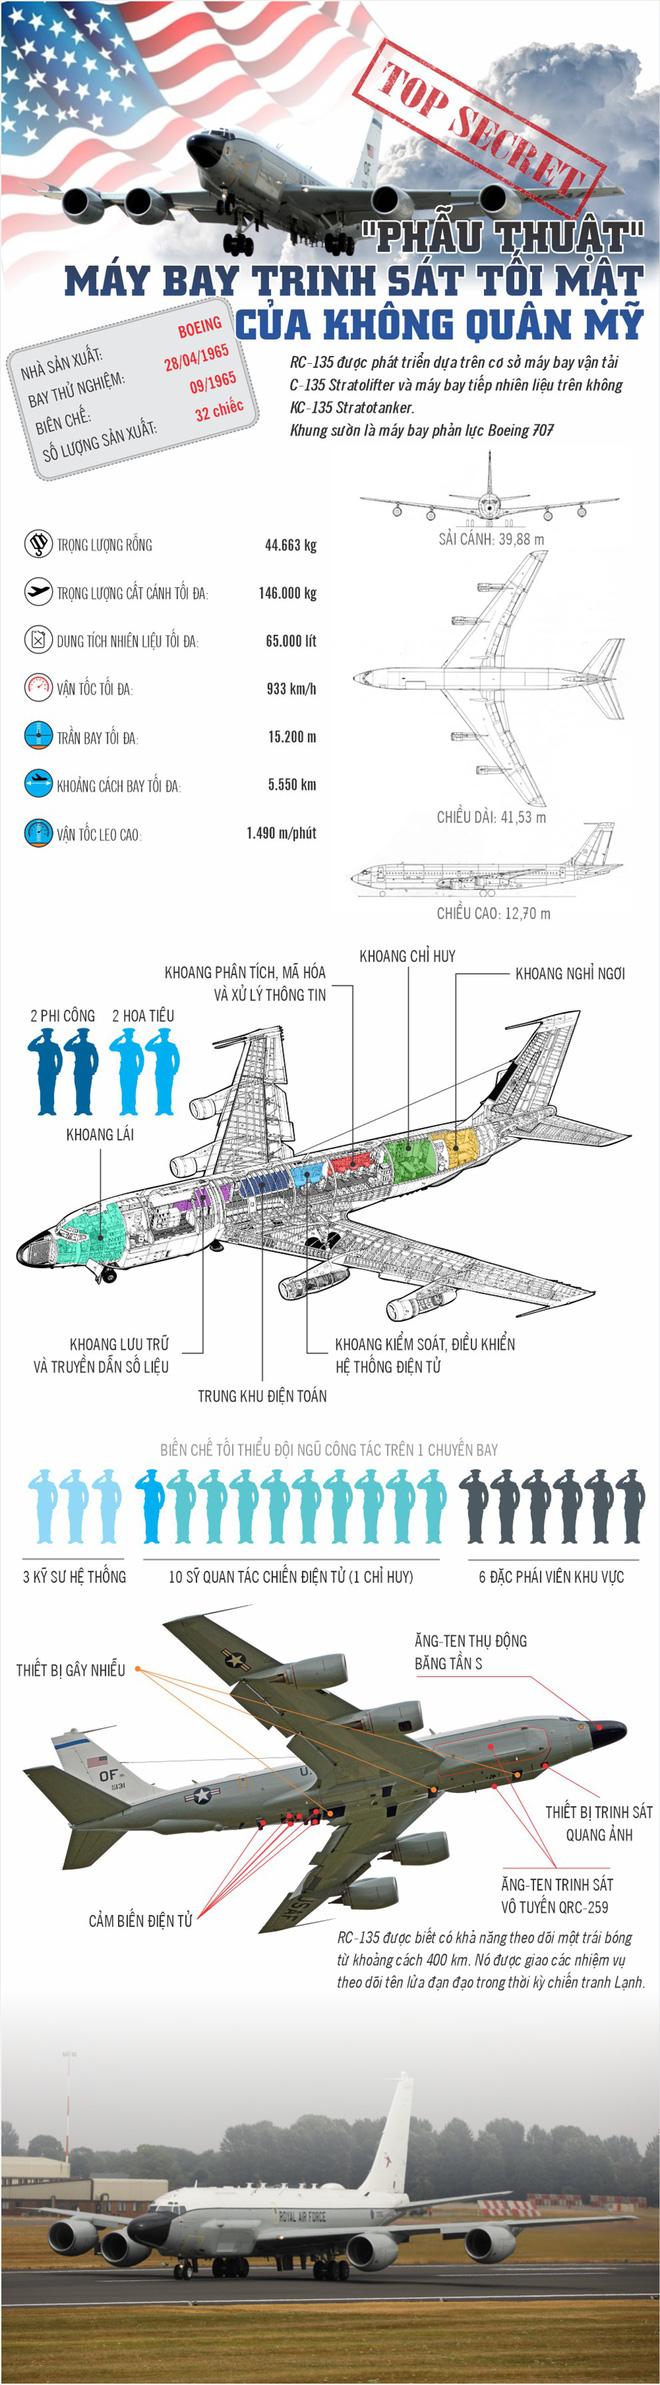 """Infographic: """"Phẫu thuật"""" máy bay trinh sát tối mật của Không quân Mỹ - Ảnh 1."""